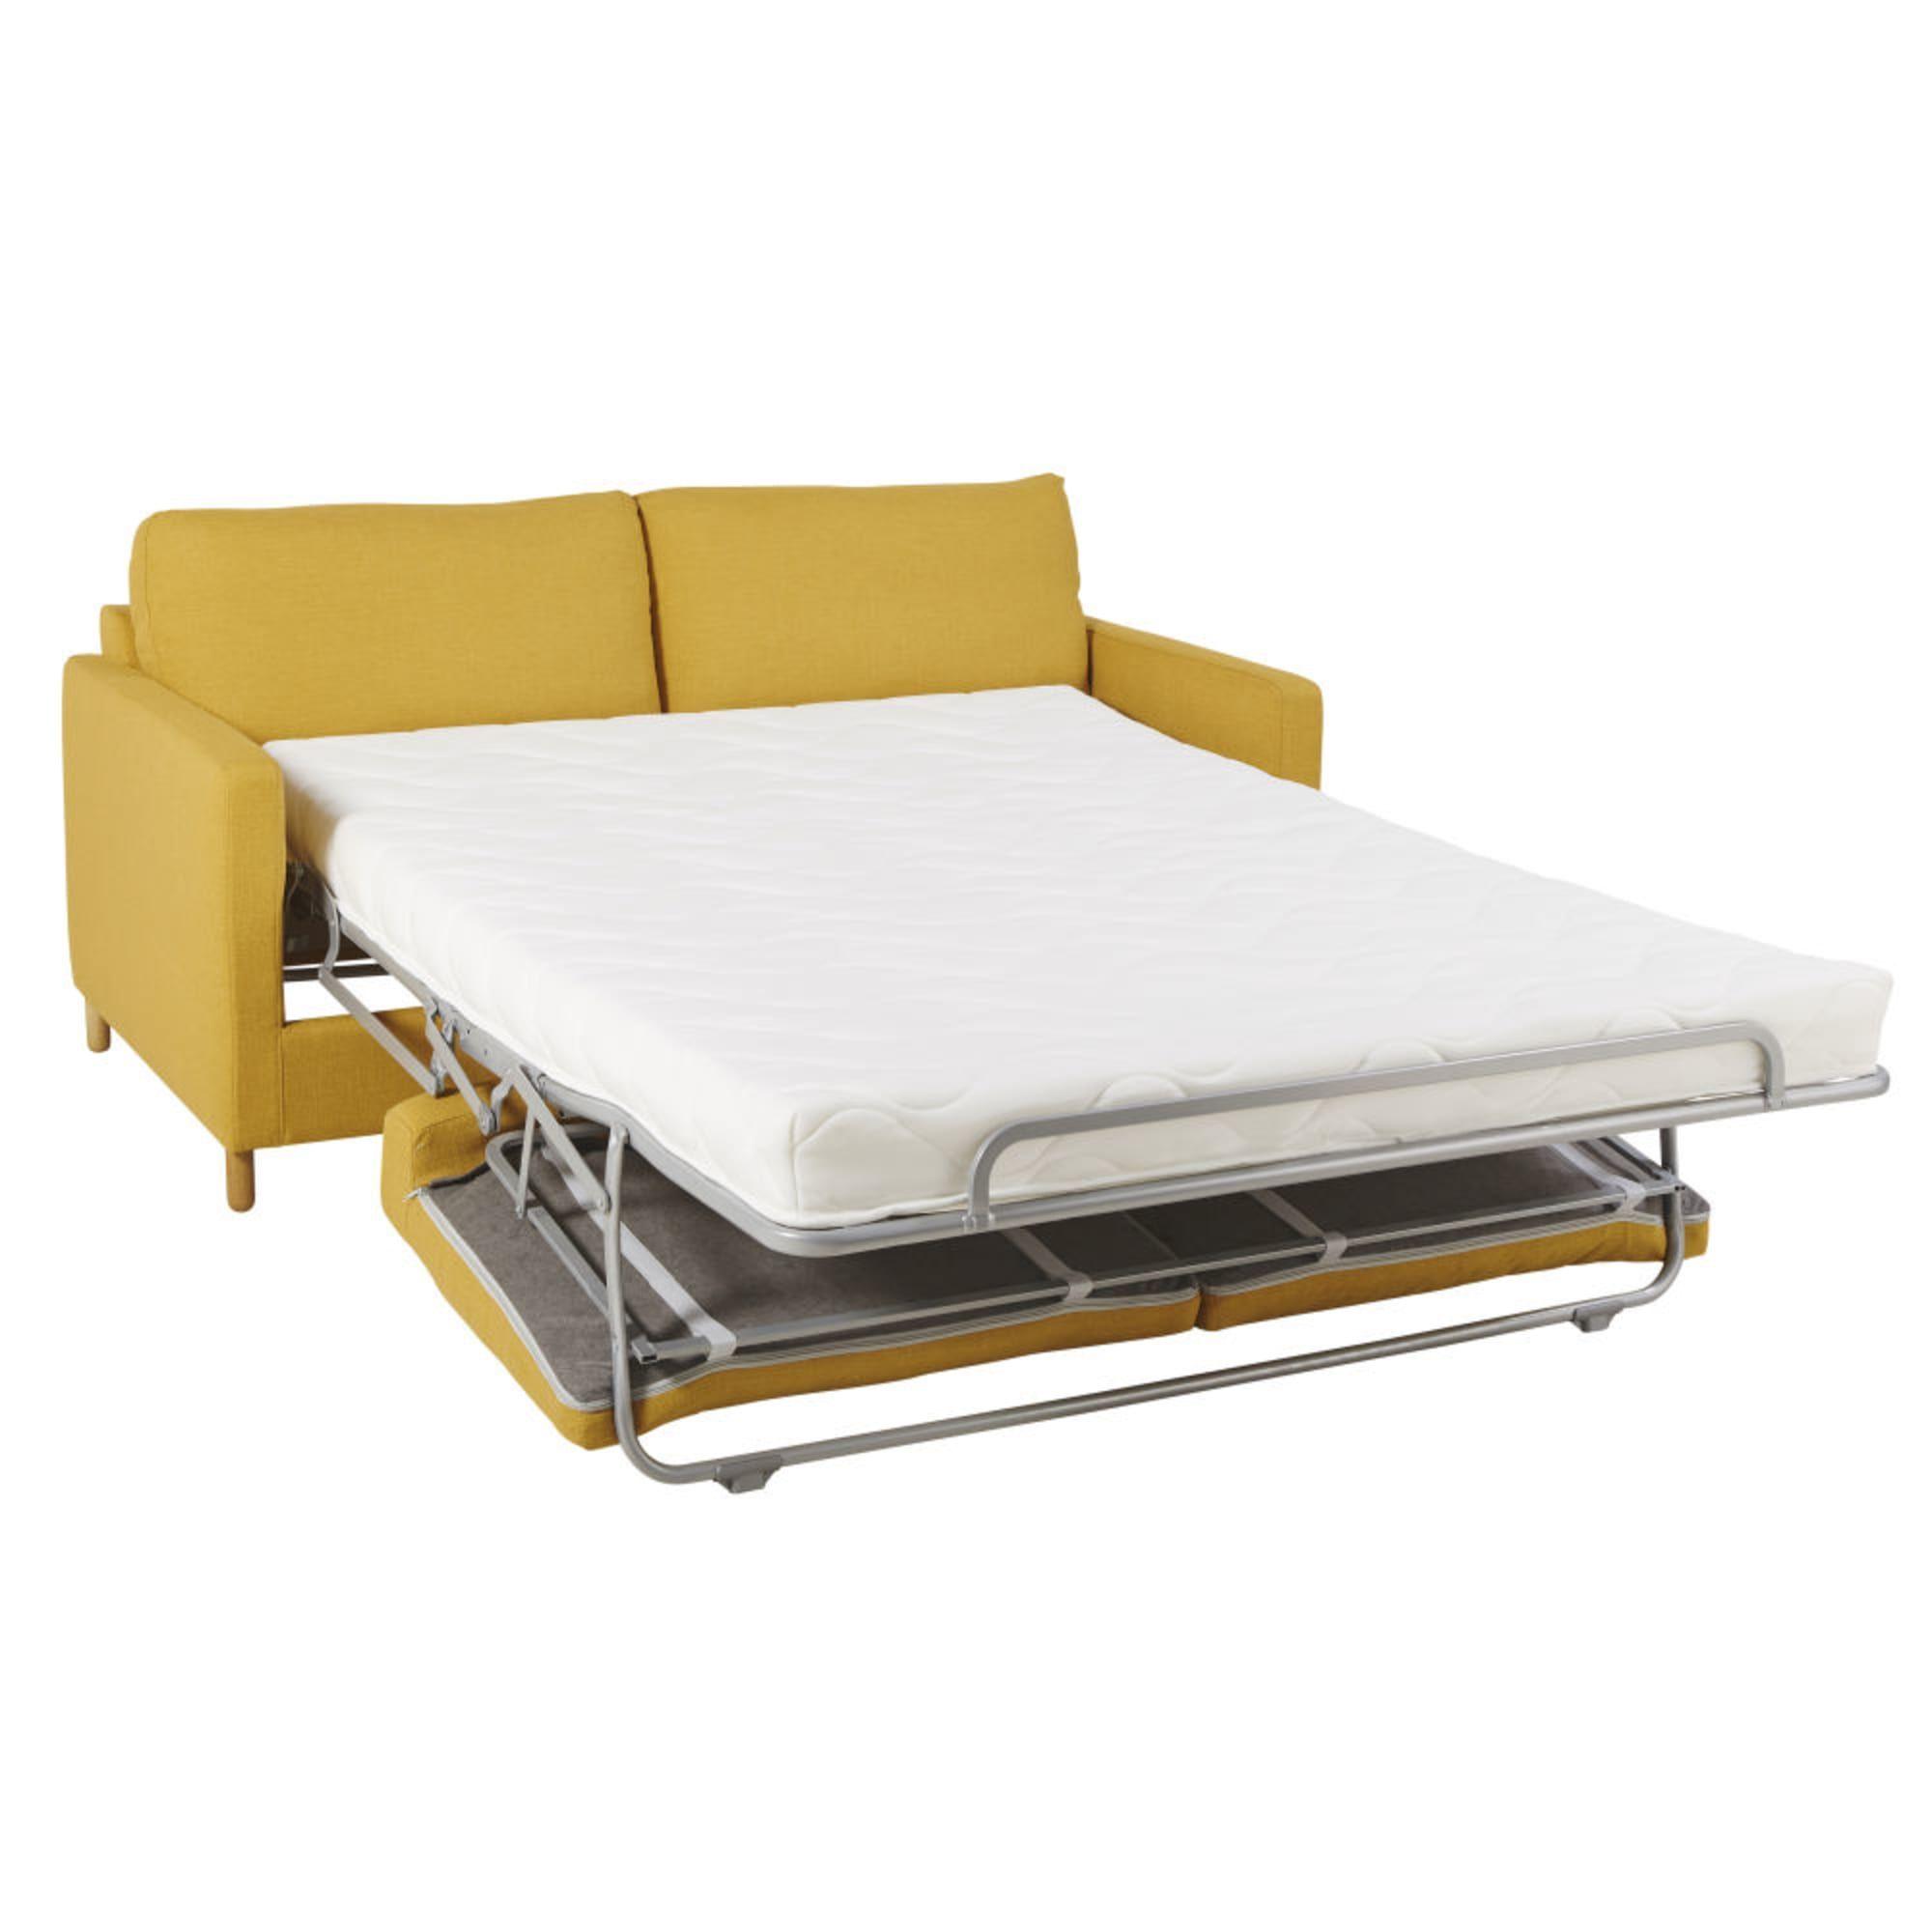 Canape Lit 3 Places Jaune Moutarde Matelas 10 Cm Lit 3 Places Canape Lit Canape